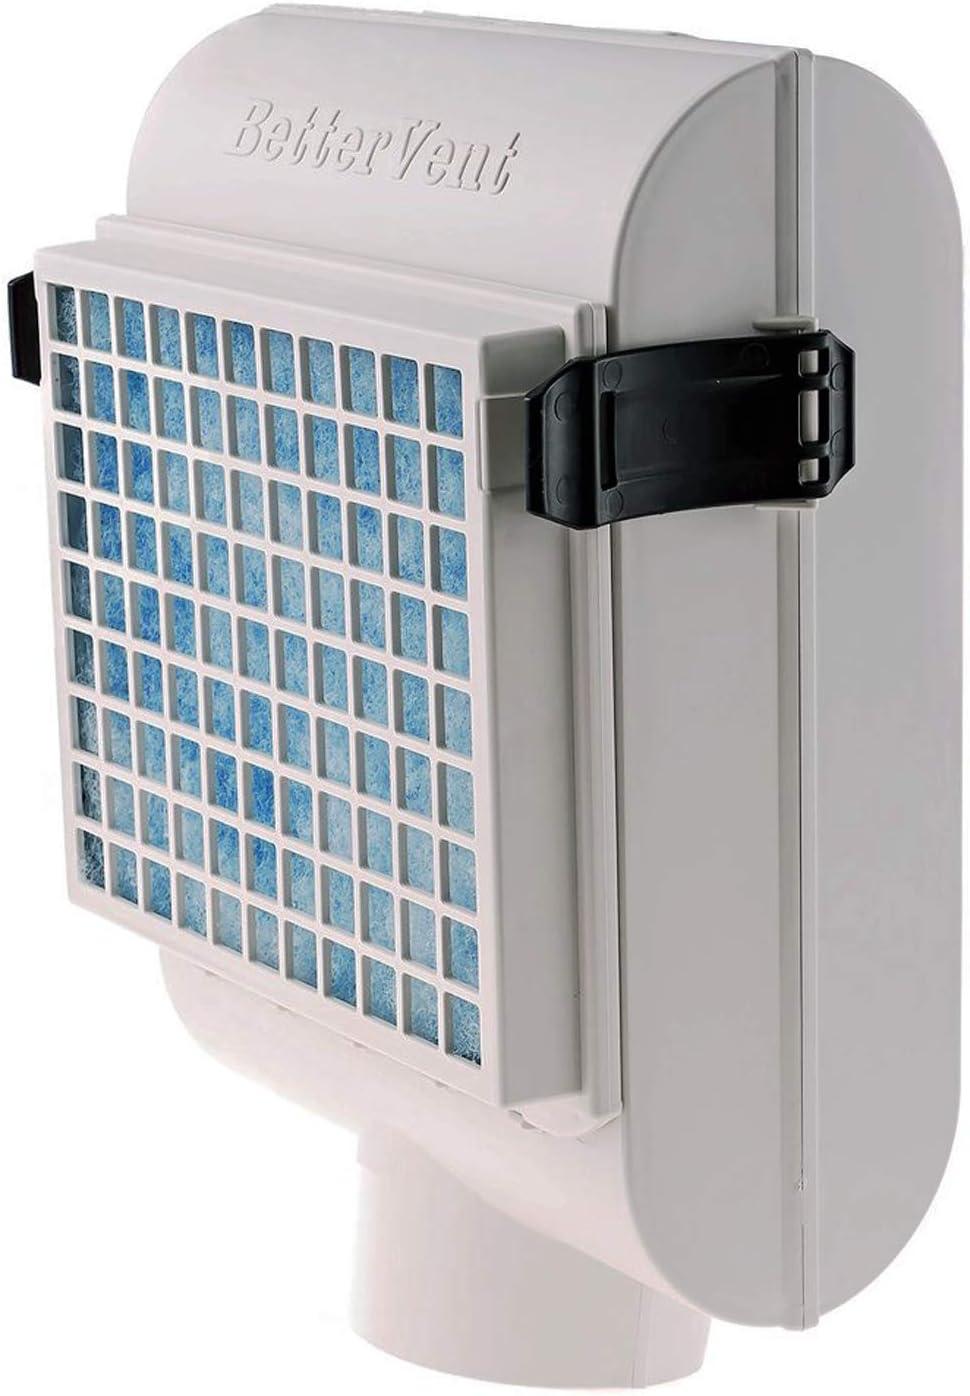 BetterVent Indoor Dryer Vent Kit